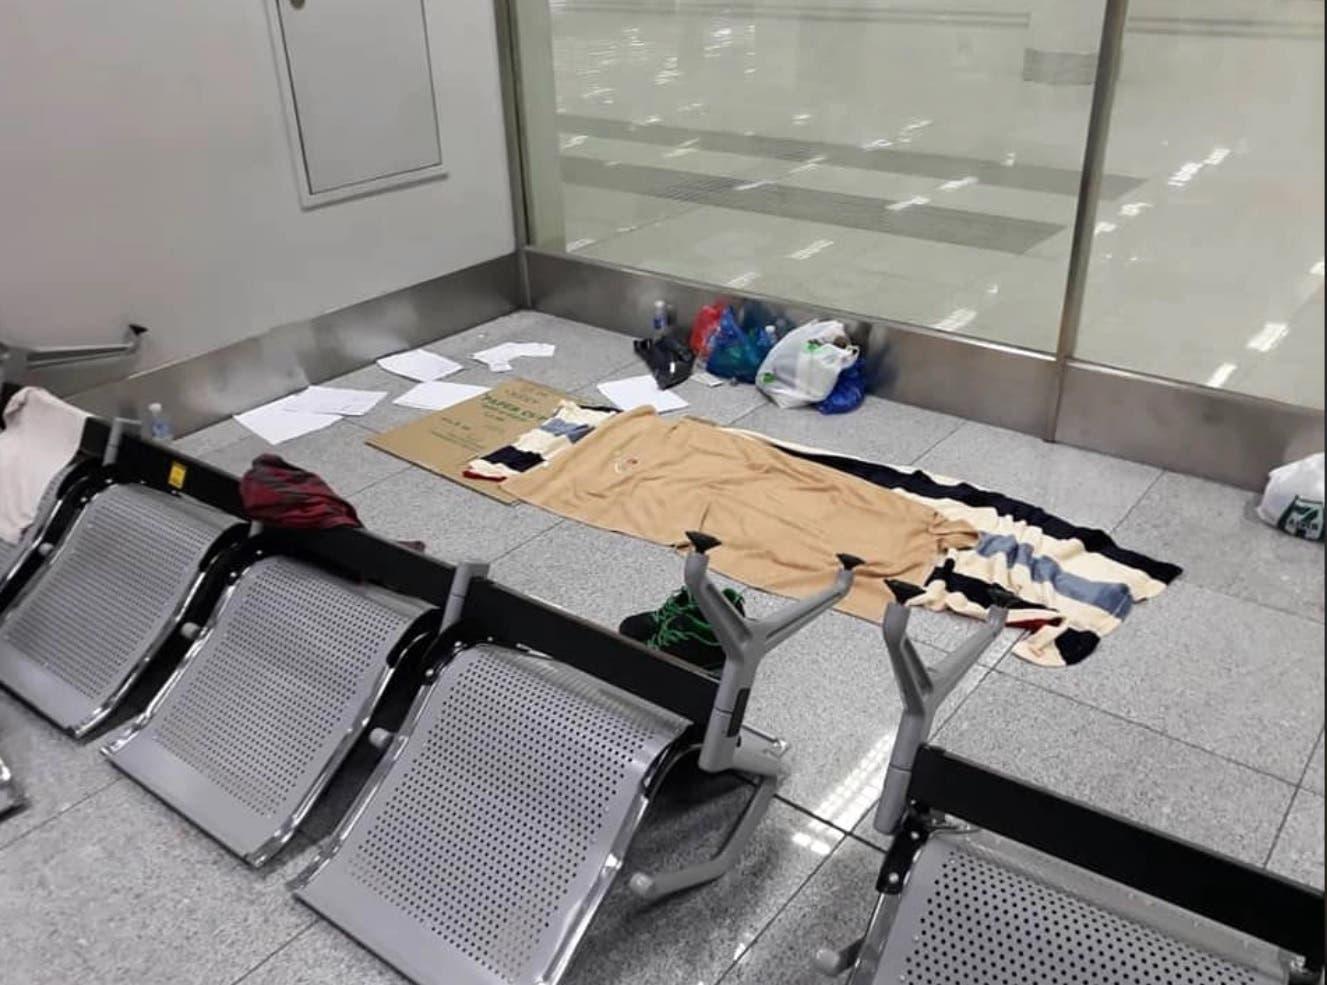 مكان إقامة السائح في المطار